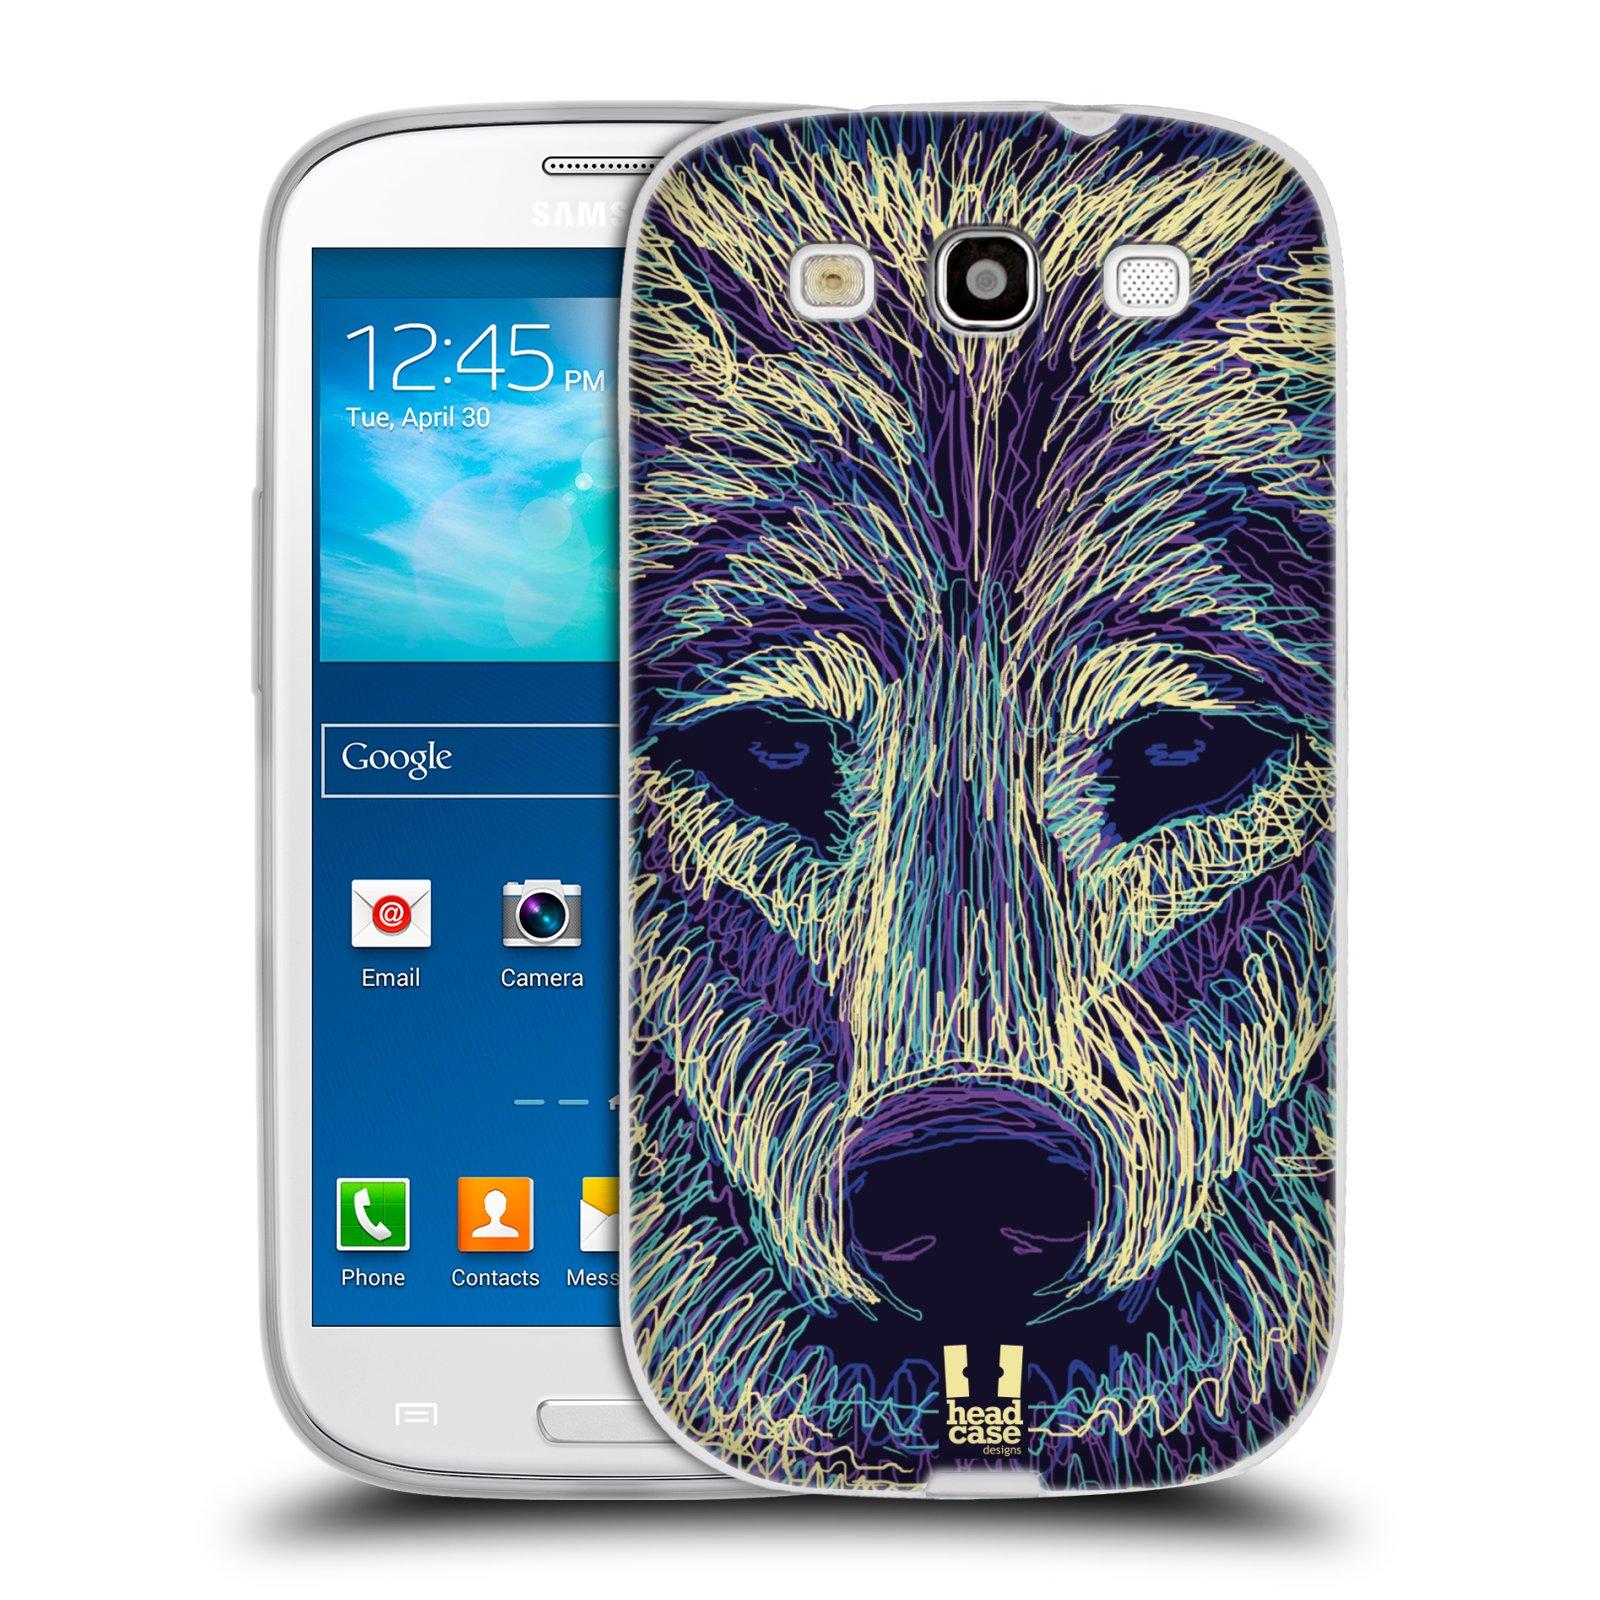 Silikonové pouzdro na mobil Samsung Galaxy S3 Neo HEAD CASE SCRIBBLE VLK (Silikonový kryt či obal na mobilní telefon Samsung Galaxy S3 Neo GT-i9301i)